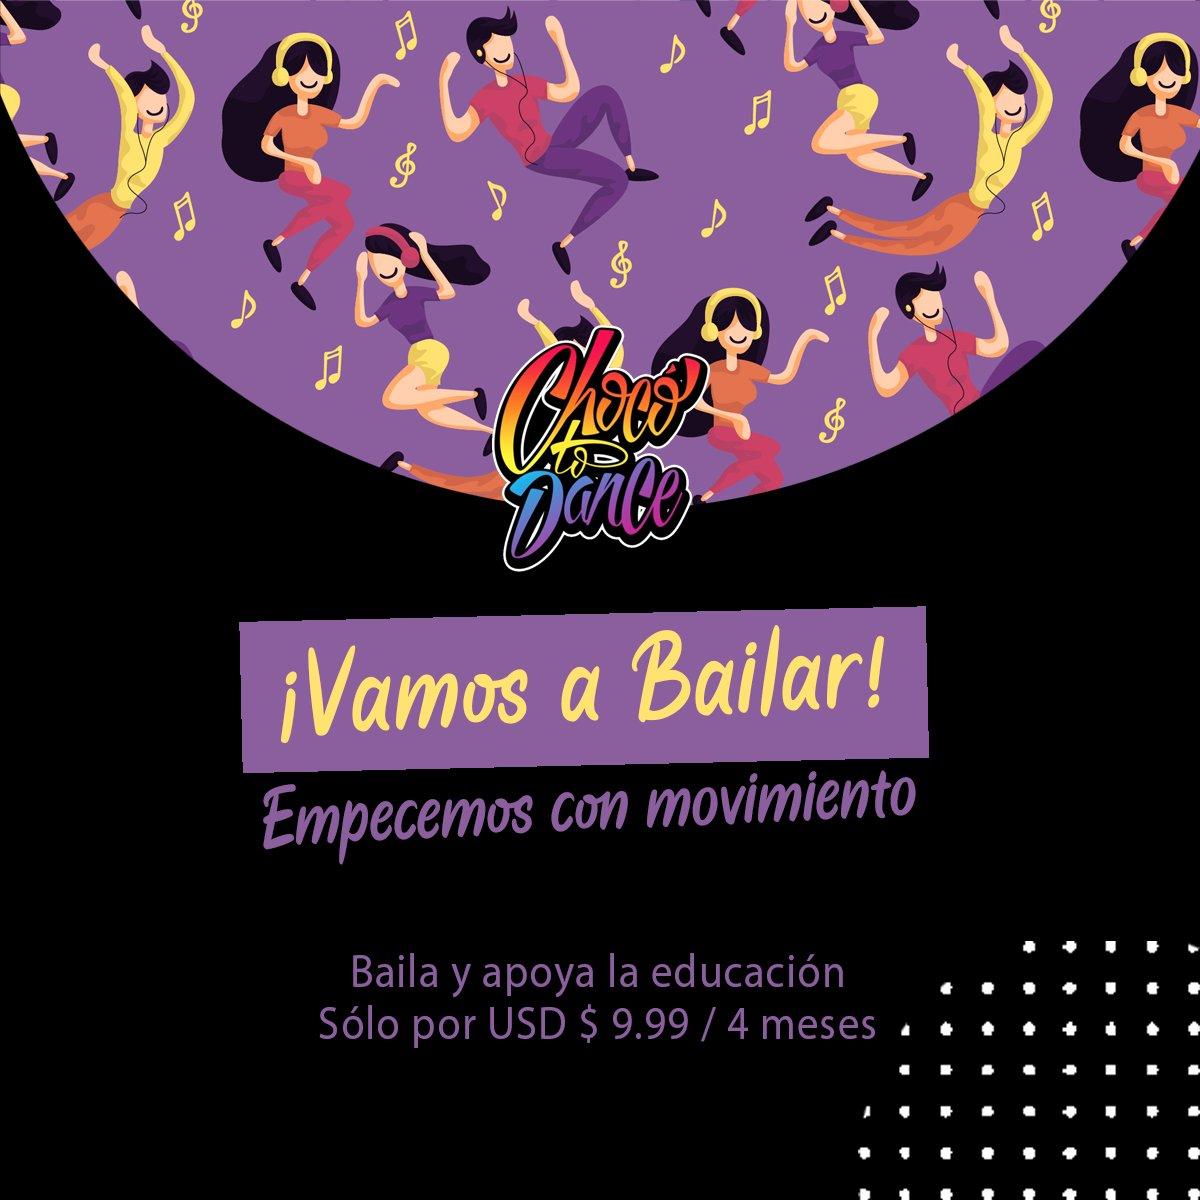 test Twitter Media - ¡Empecemos el año con mucho movimiento! En https://t.co/JuxXn9hjCy puedes aprender a bailar, no solo ayudando a la #educacion de más jóvenes #colombianos. https://t.co/kH7y22Ic4S